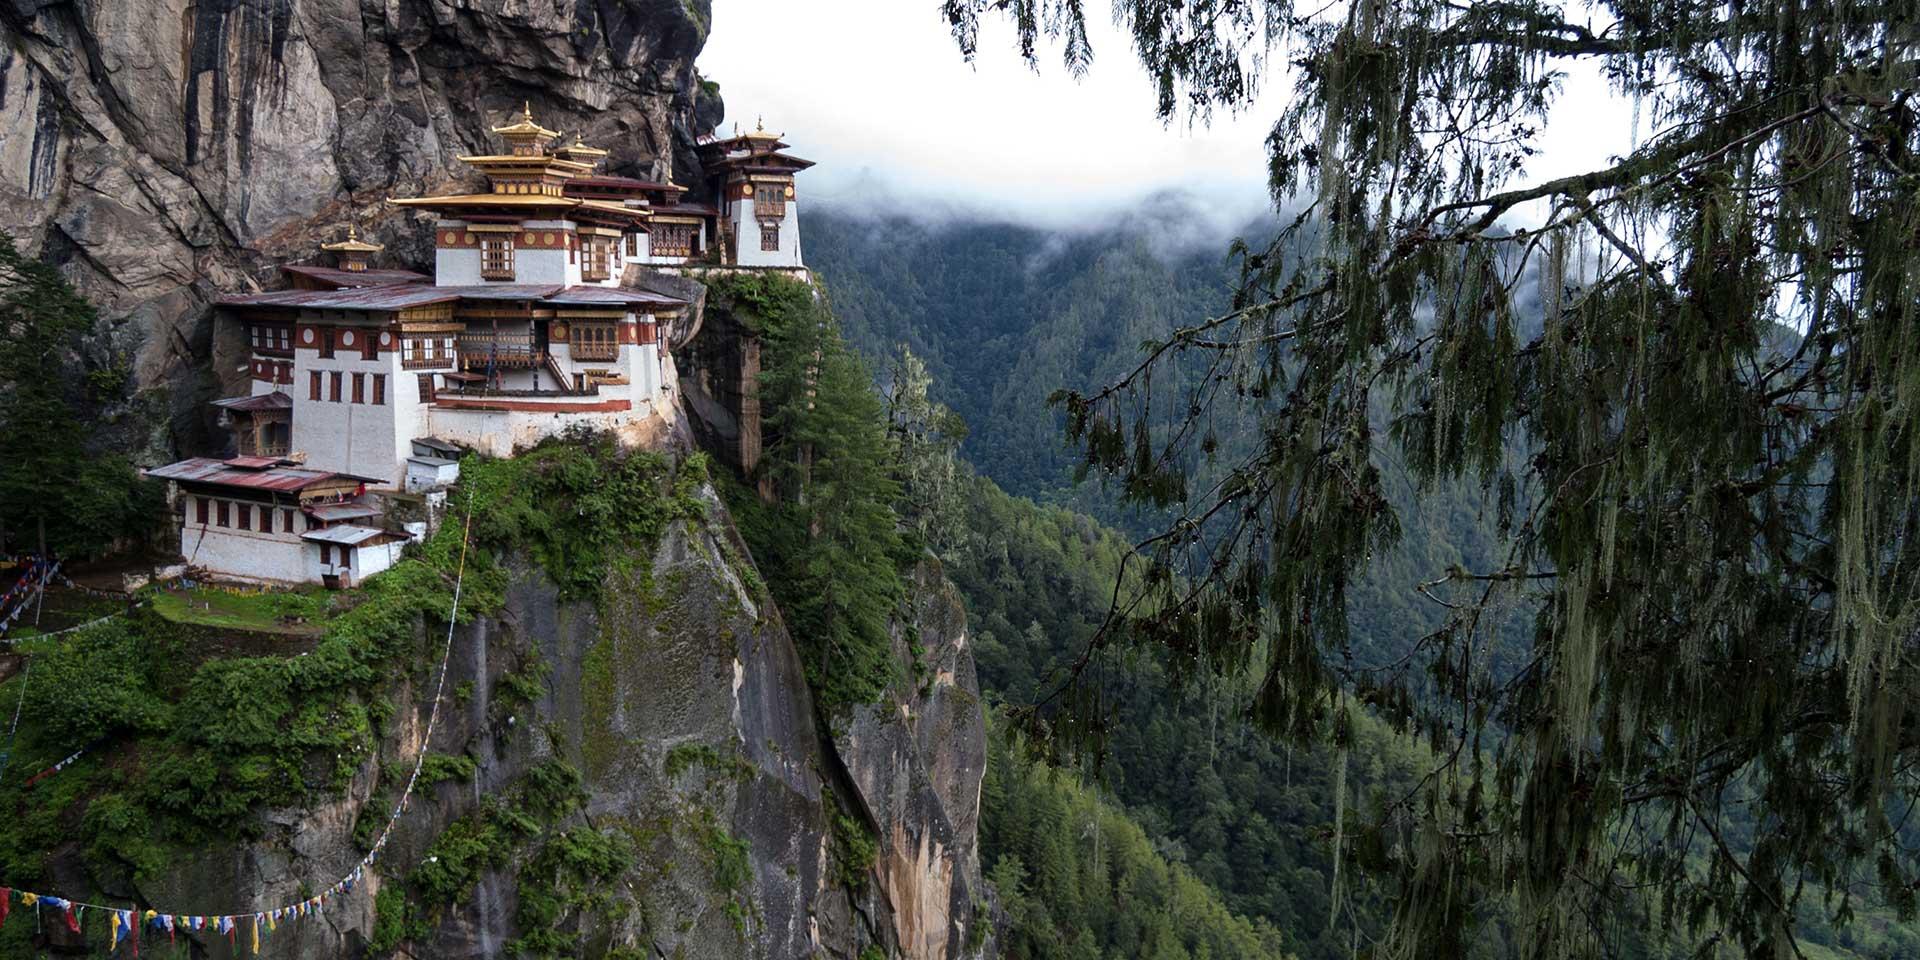 Bhutan's Tiger's Nest: Stairway to Heaven